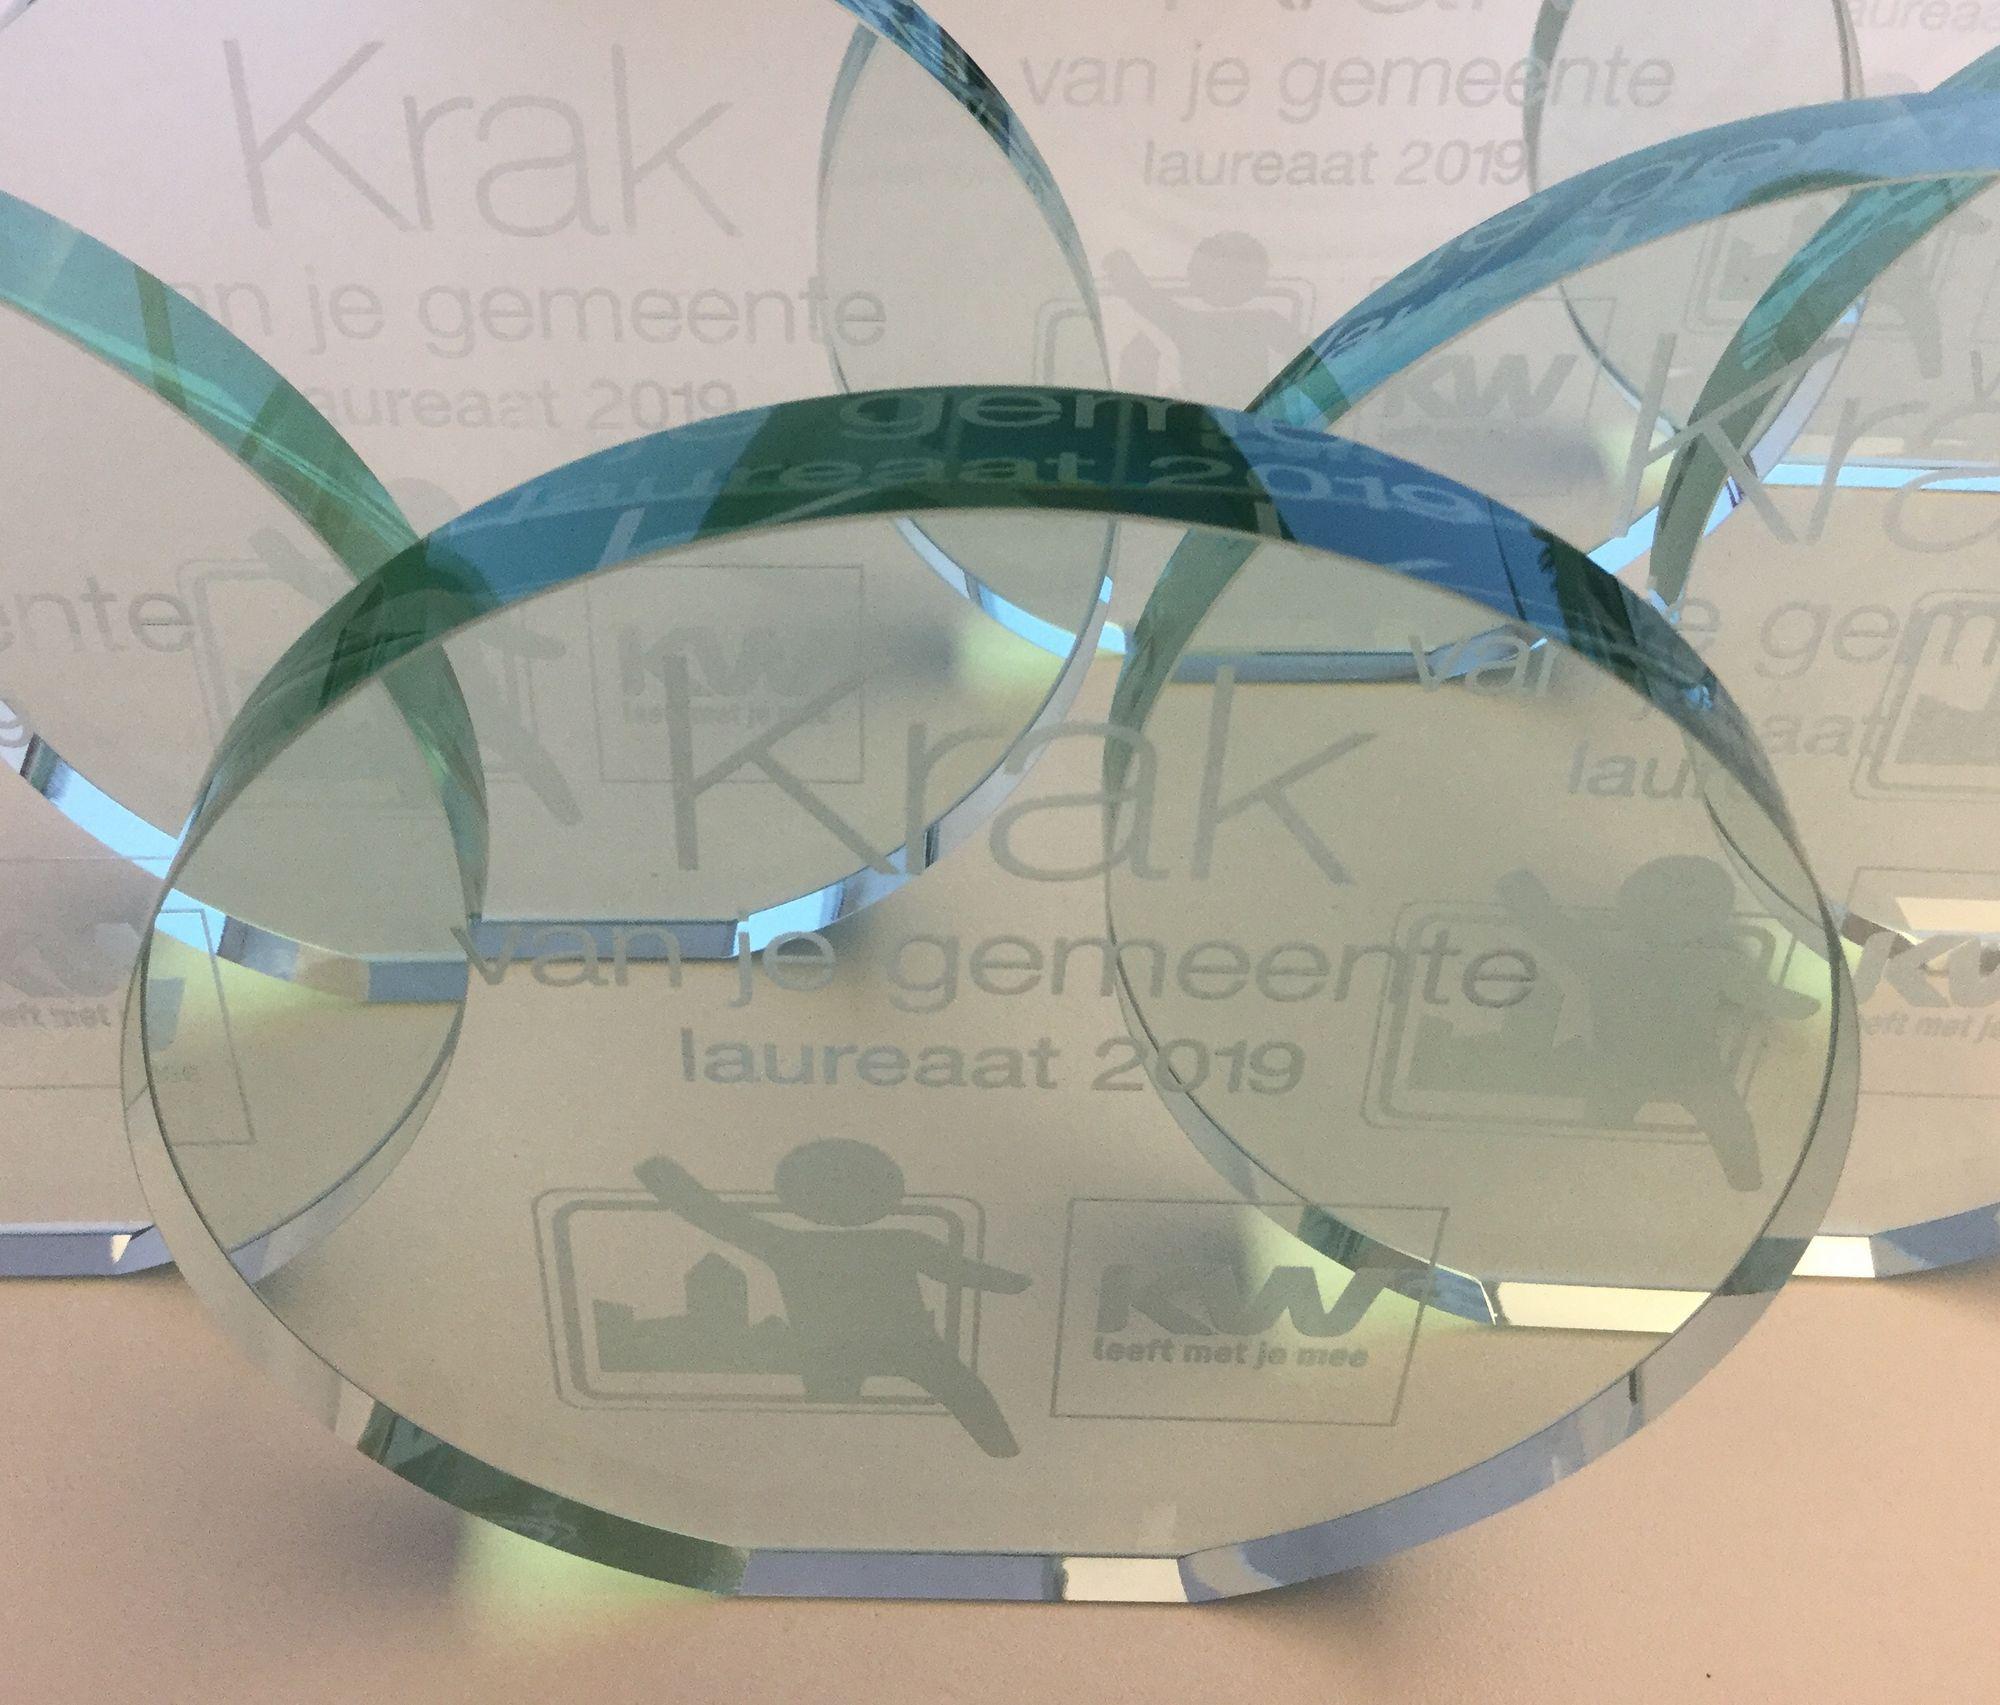 Aanbod awards Tinko